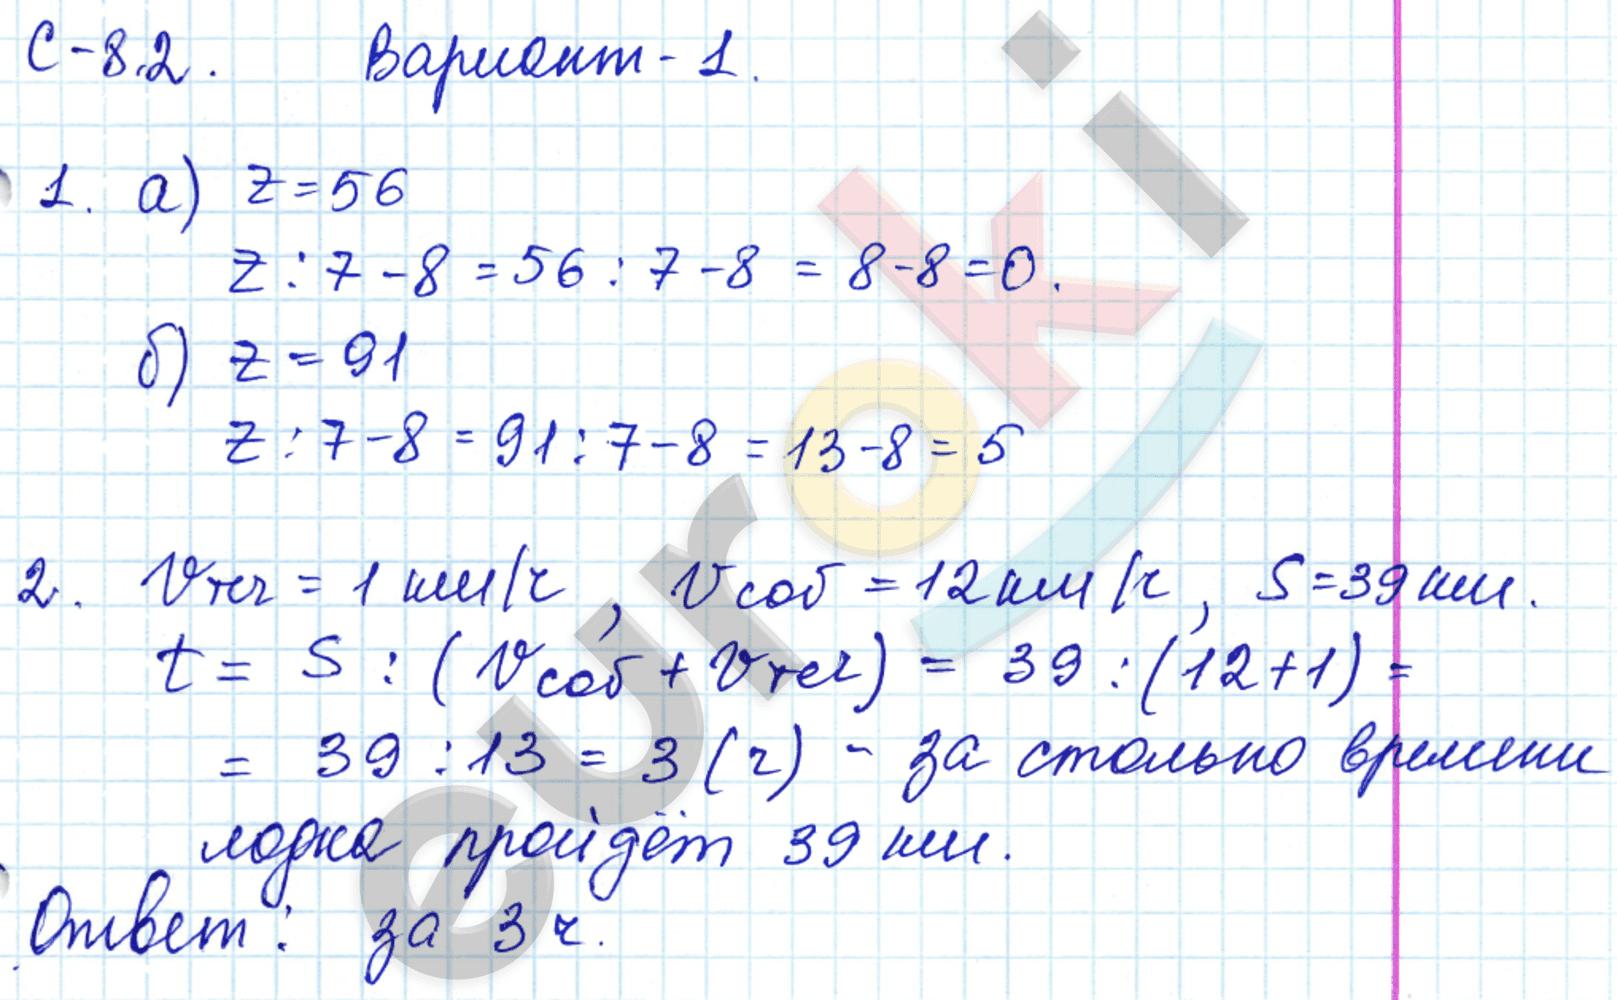 ГДЗ по математике 5 класс самостоятельные работы Зубарева, Мильштейн, Шанцева Тема 1. Натуральные числа, С-8.2. Округление натуральных чисел. Задание: Вариант 1